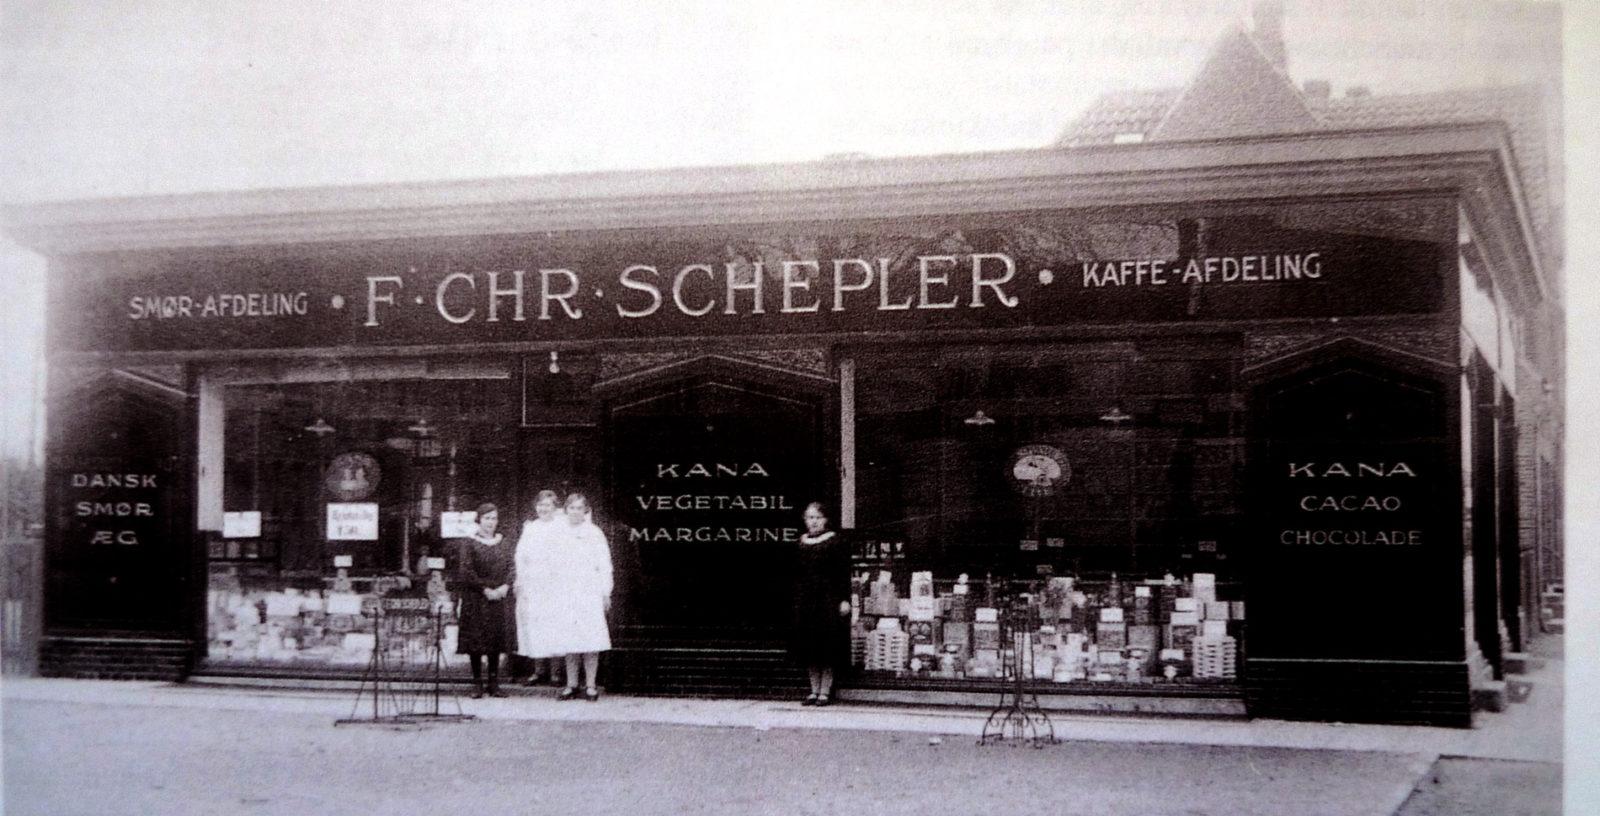 F-Chr-Schepler-Kaffe-Afdeling